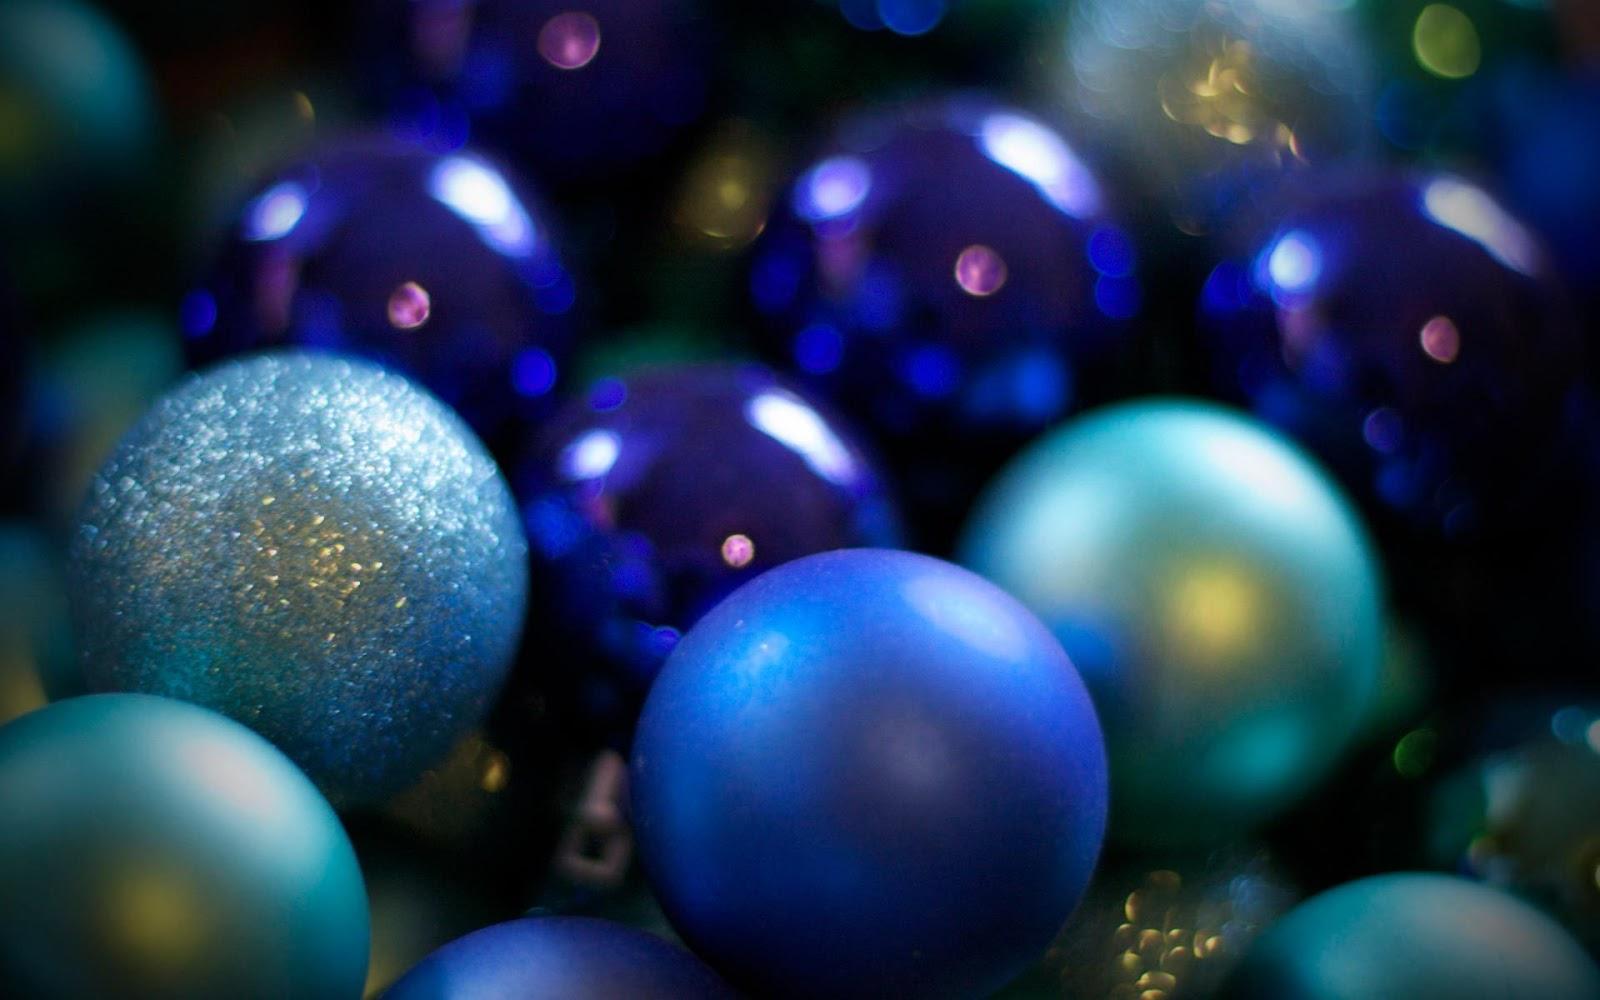 Wallpapernarium diferentes bolas de navidad azules for Imagenes de bolas de navidad